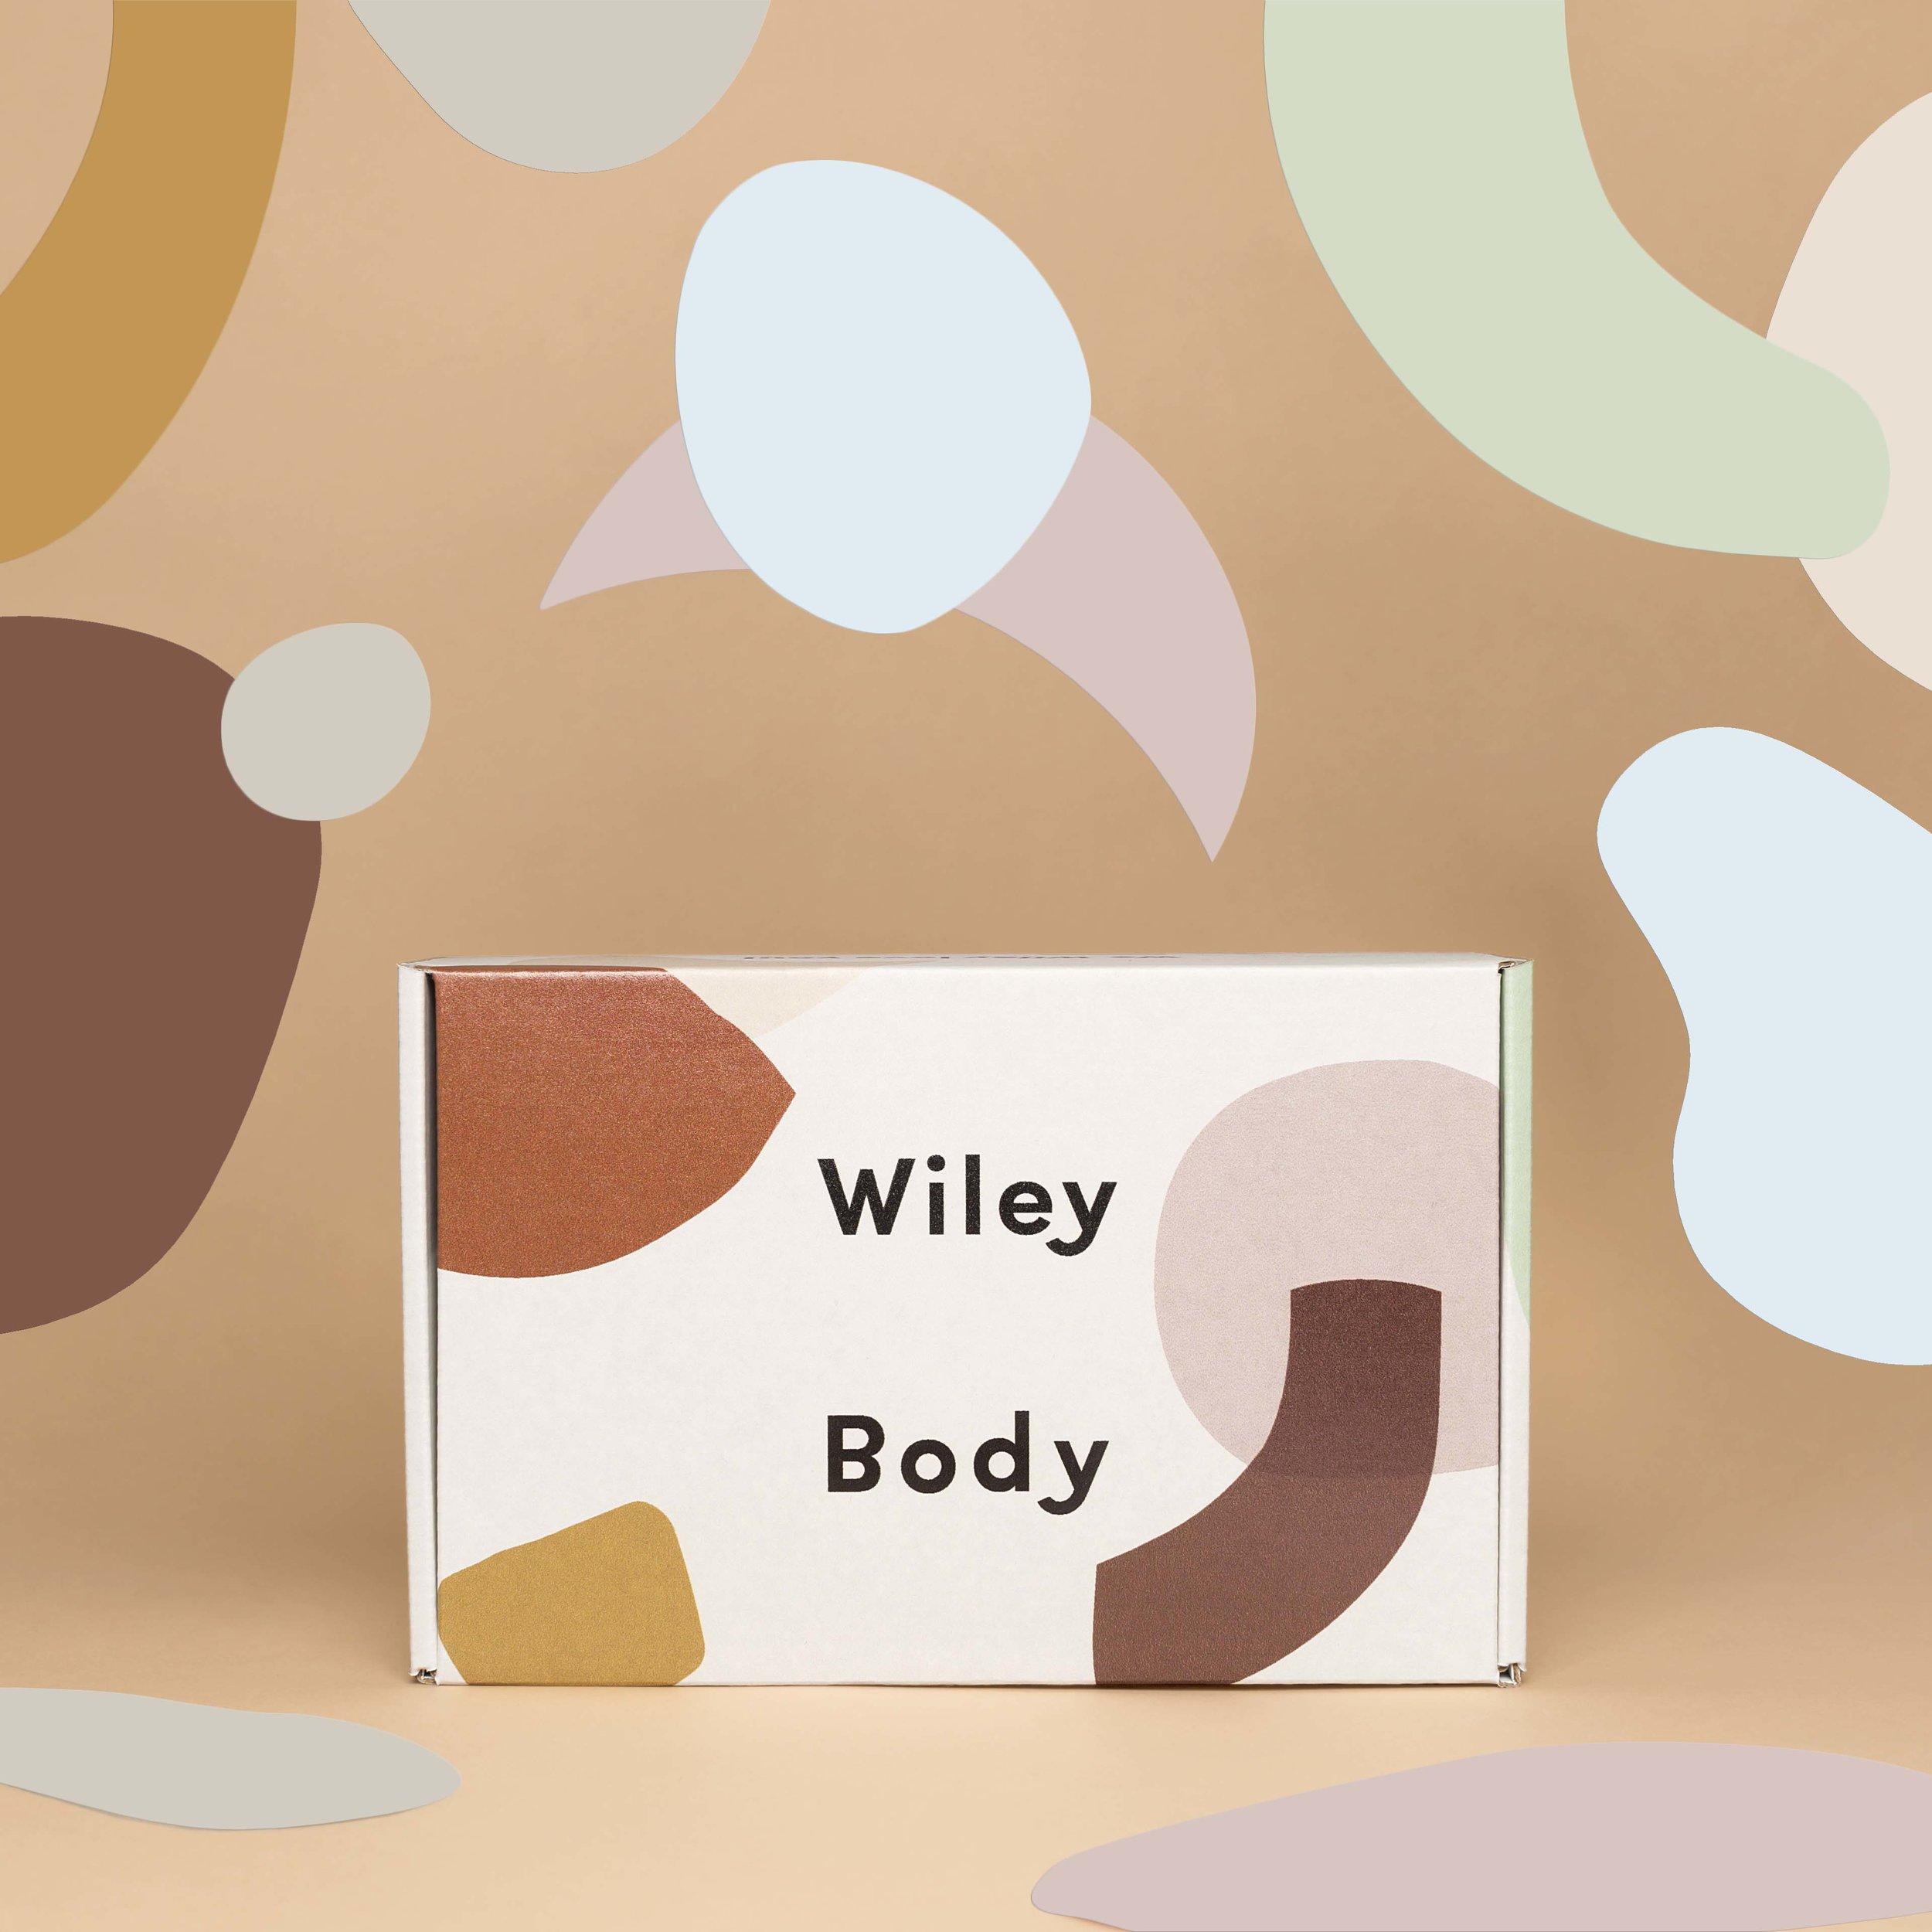 Packlane+Wiley+Baby+1.jpg